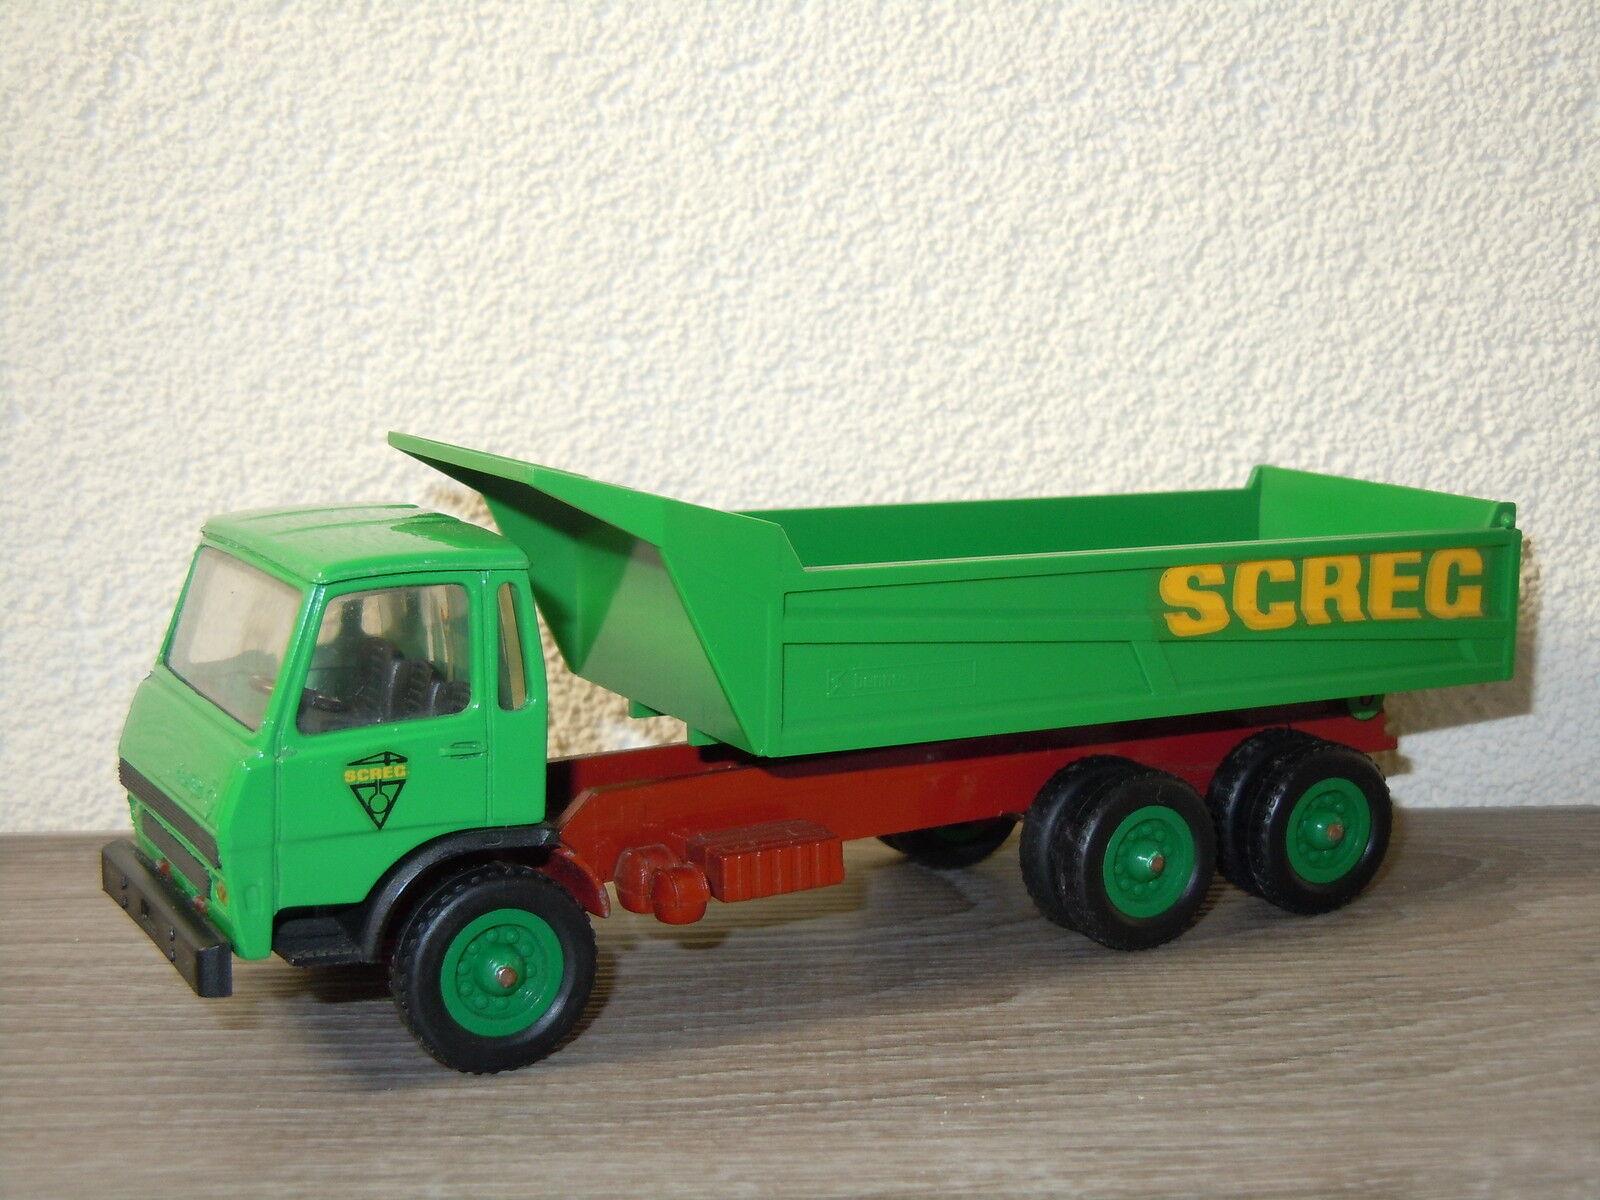 1976 Berliet GRH 230 6x4 Tipper screg Van lbs France 1 43  6381